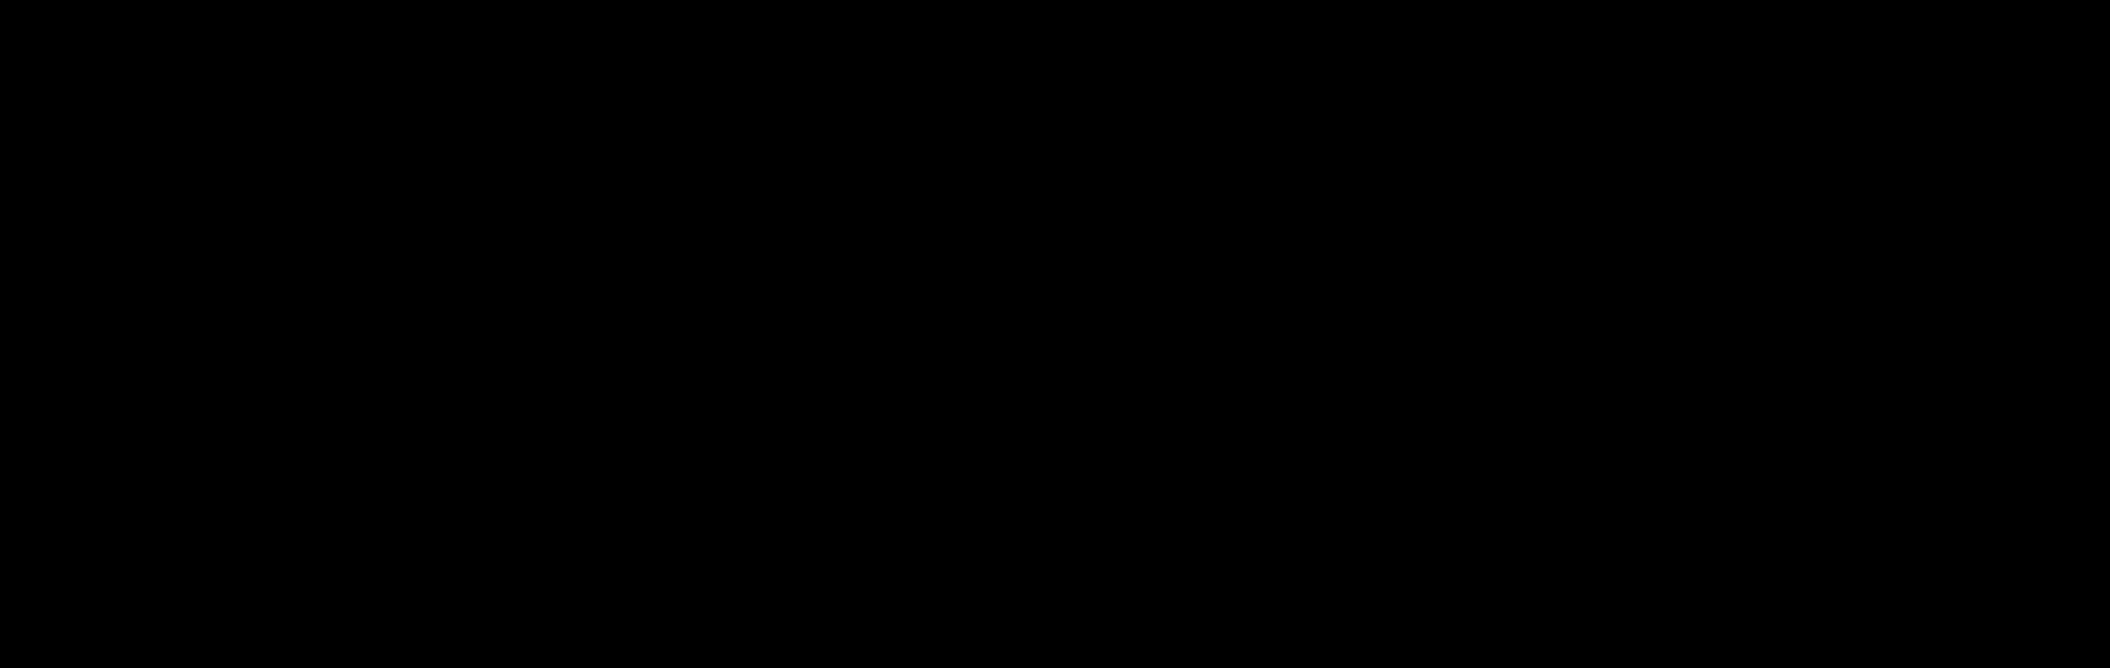 Benzyl-d<sub>5</sub>-decylmethylamine